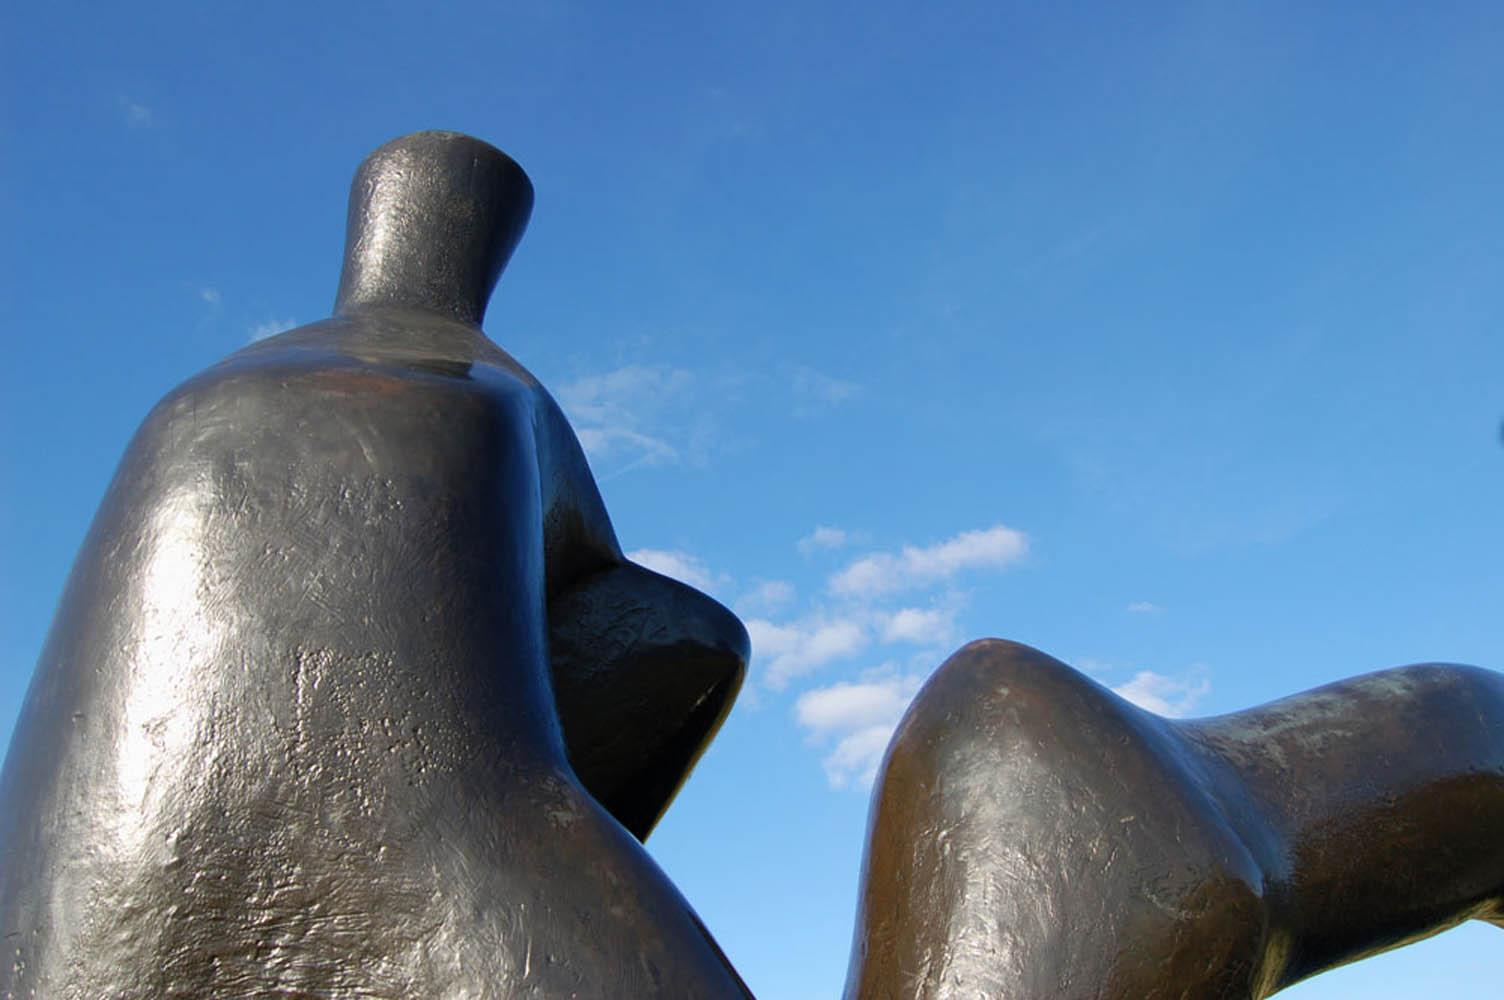 Henry Moore bronze outdoor sculpture